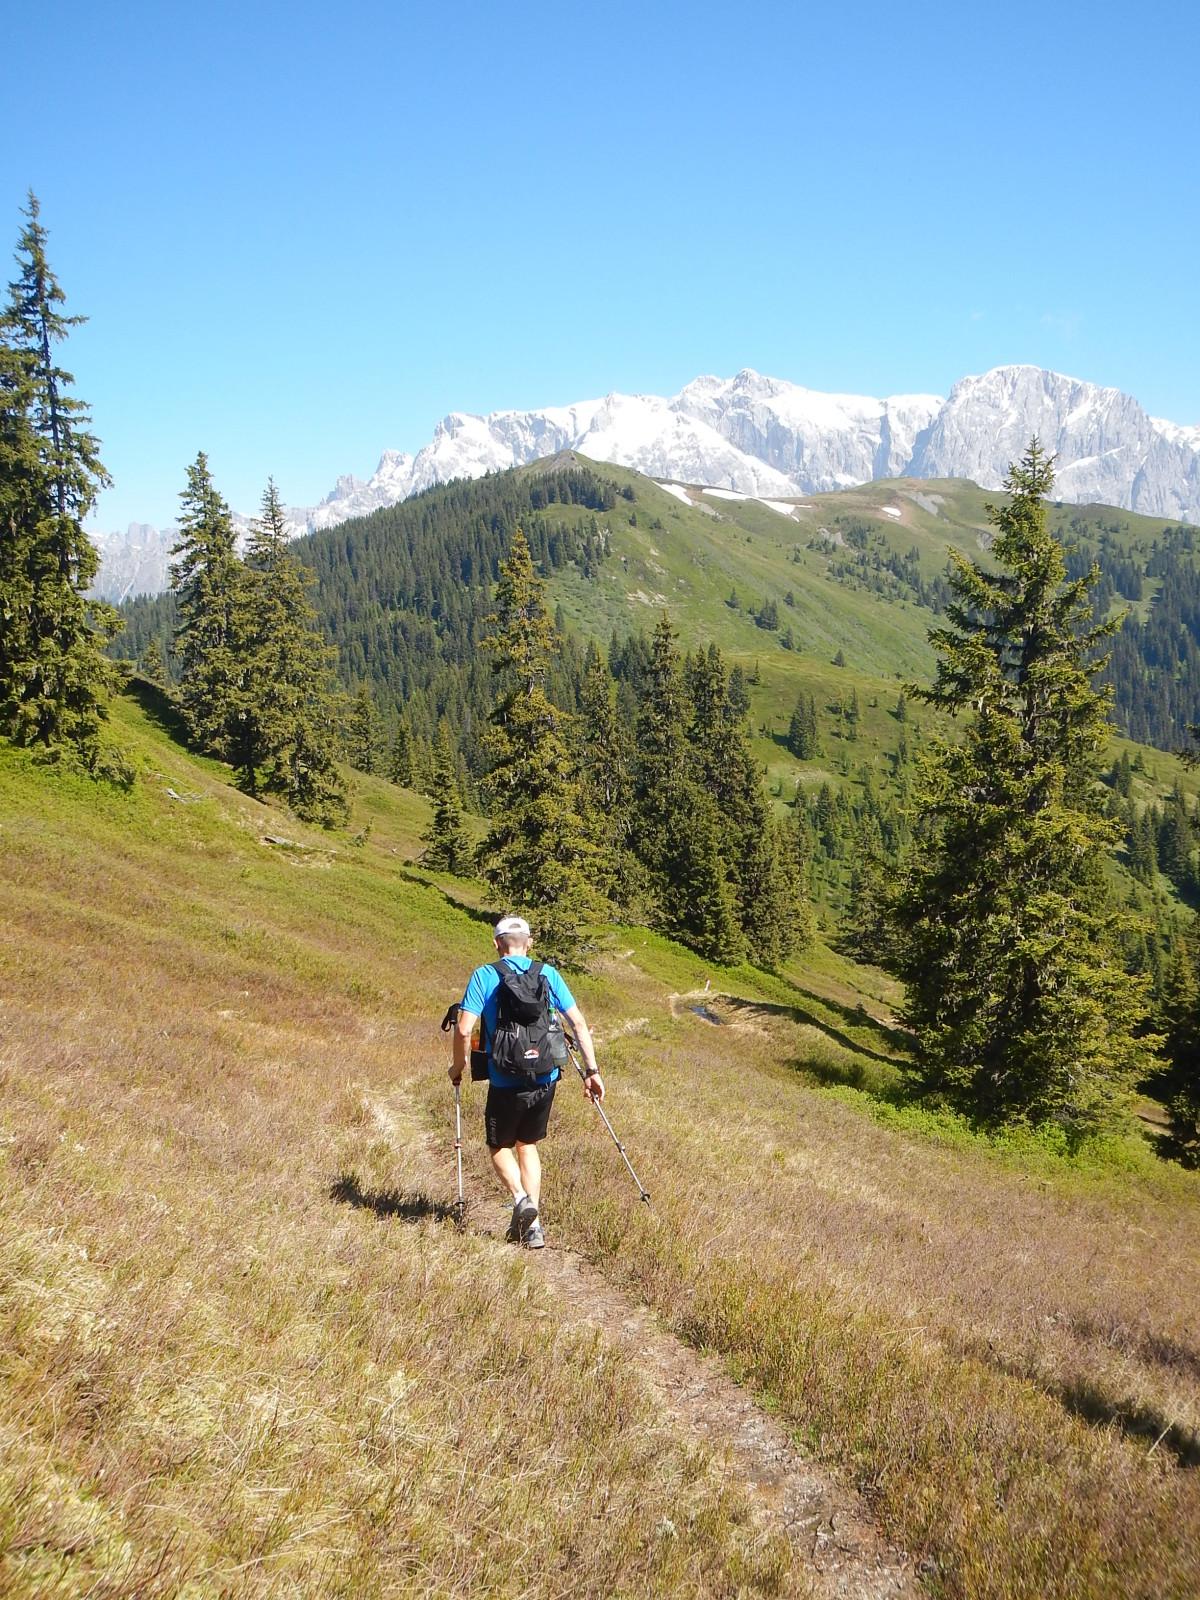 Ob man Nordic Walking-Stecken zum Trailrunning verwendet, bleibt jedem selbst überlassen. Für manchen mag es eine Hilfe sein, vor allem bergauf.